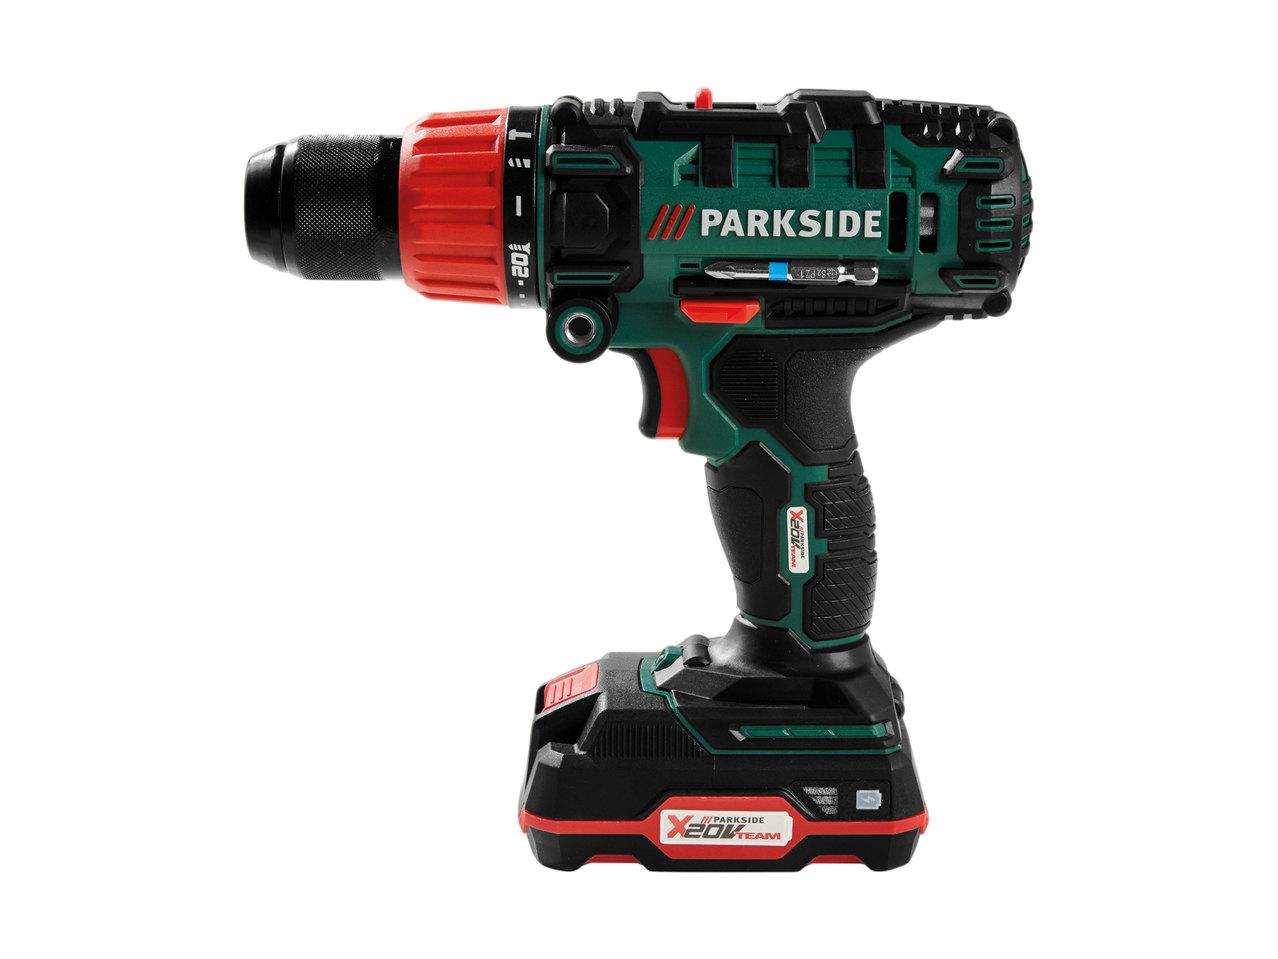 parkside x 20v cordless team hammer drill